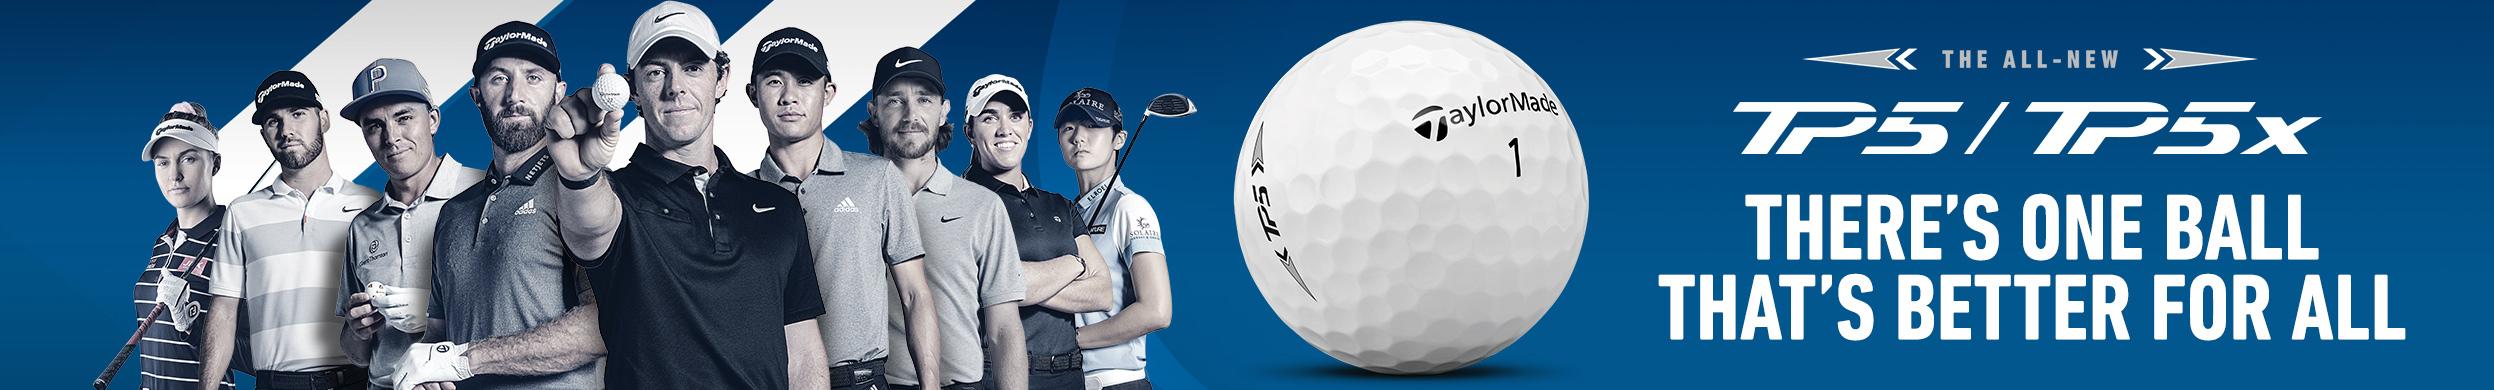 Co powinno znaleźć się w torbie gracza golfowego